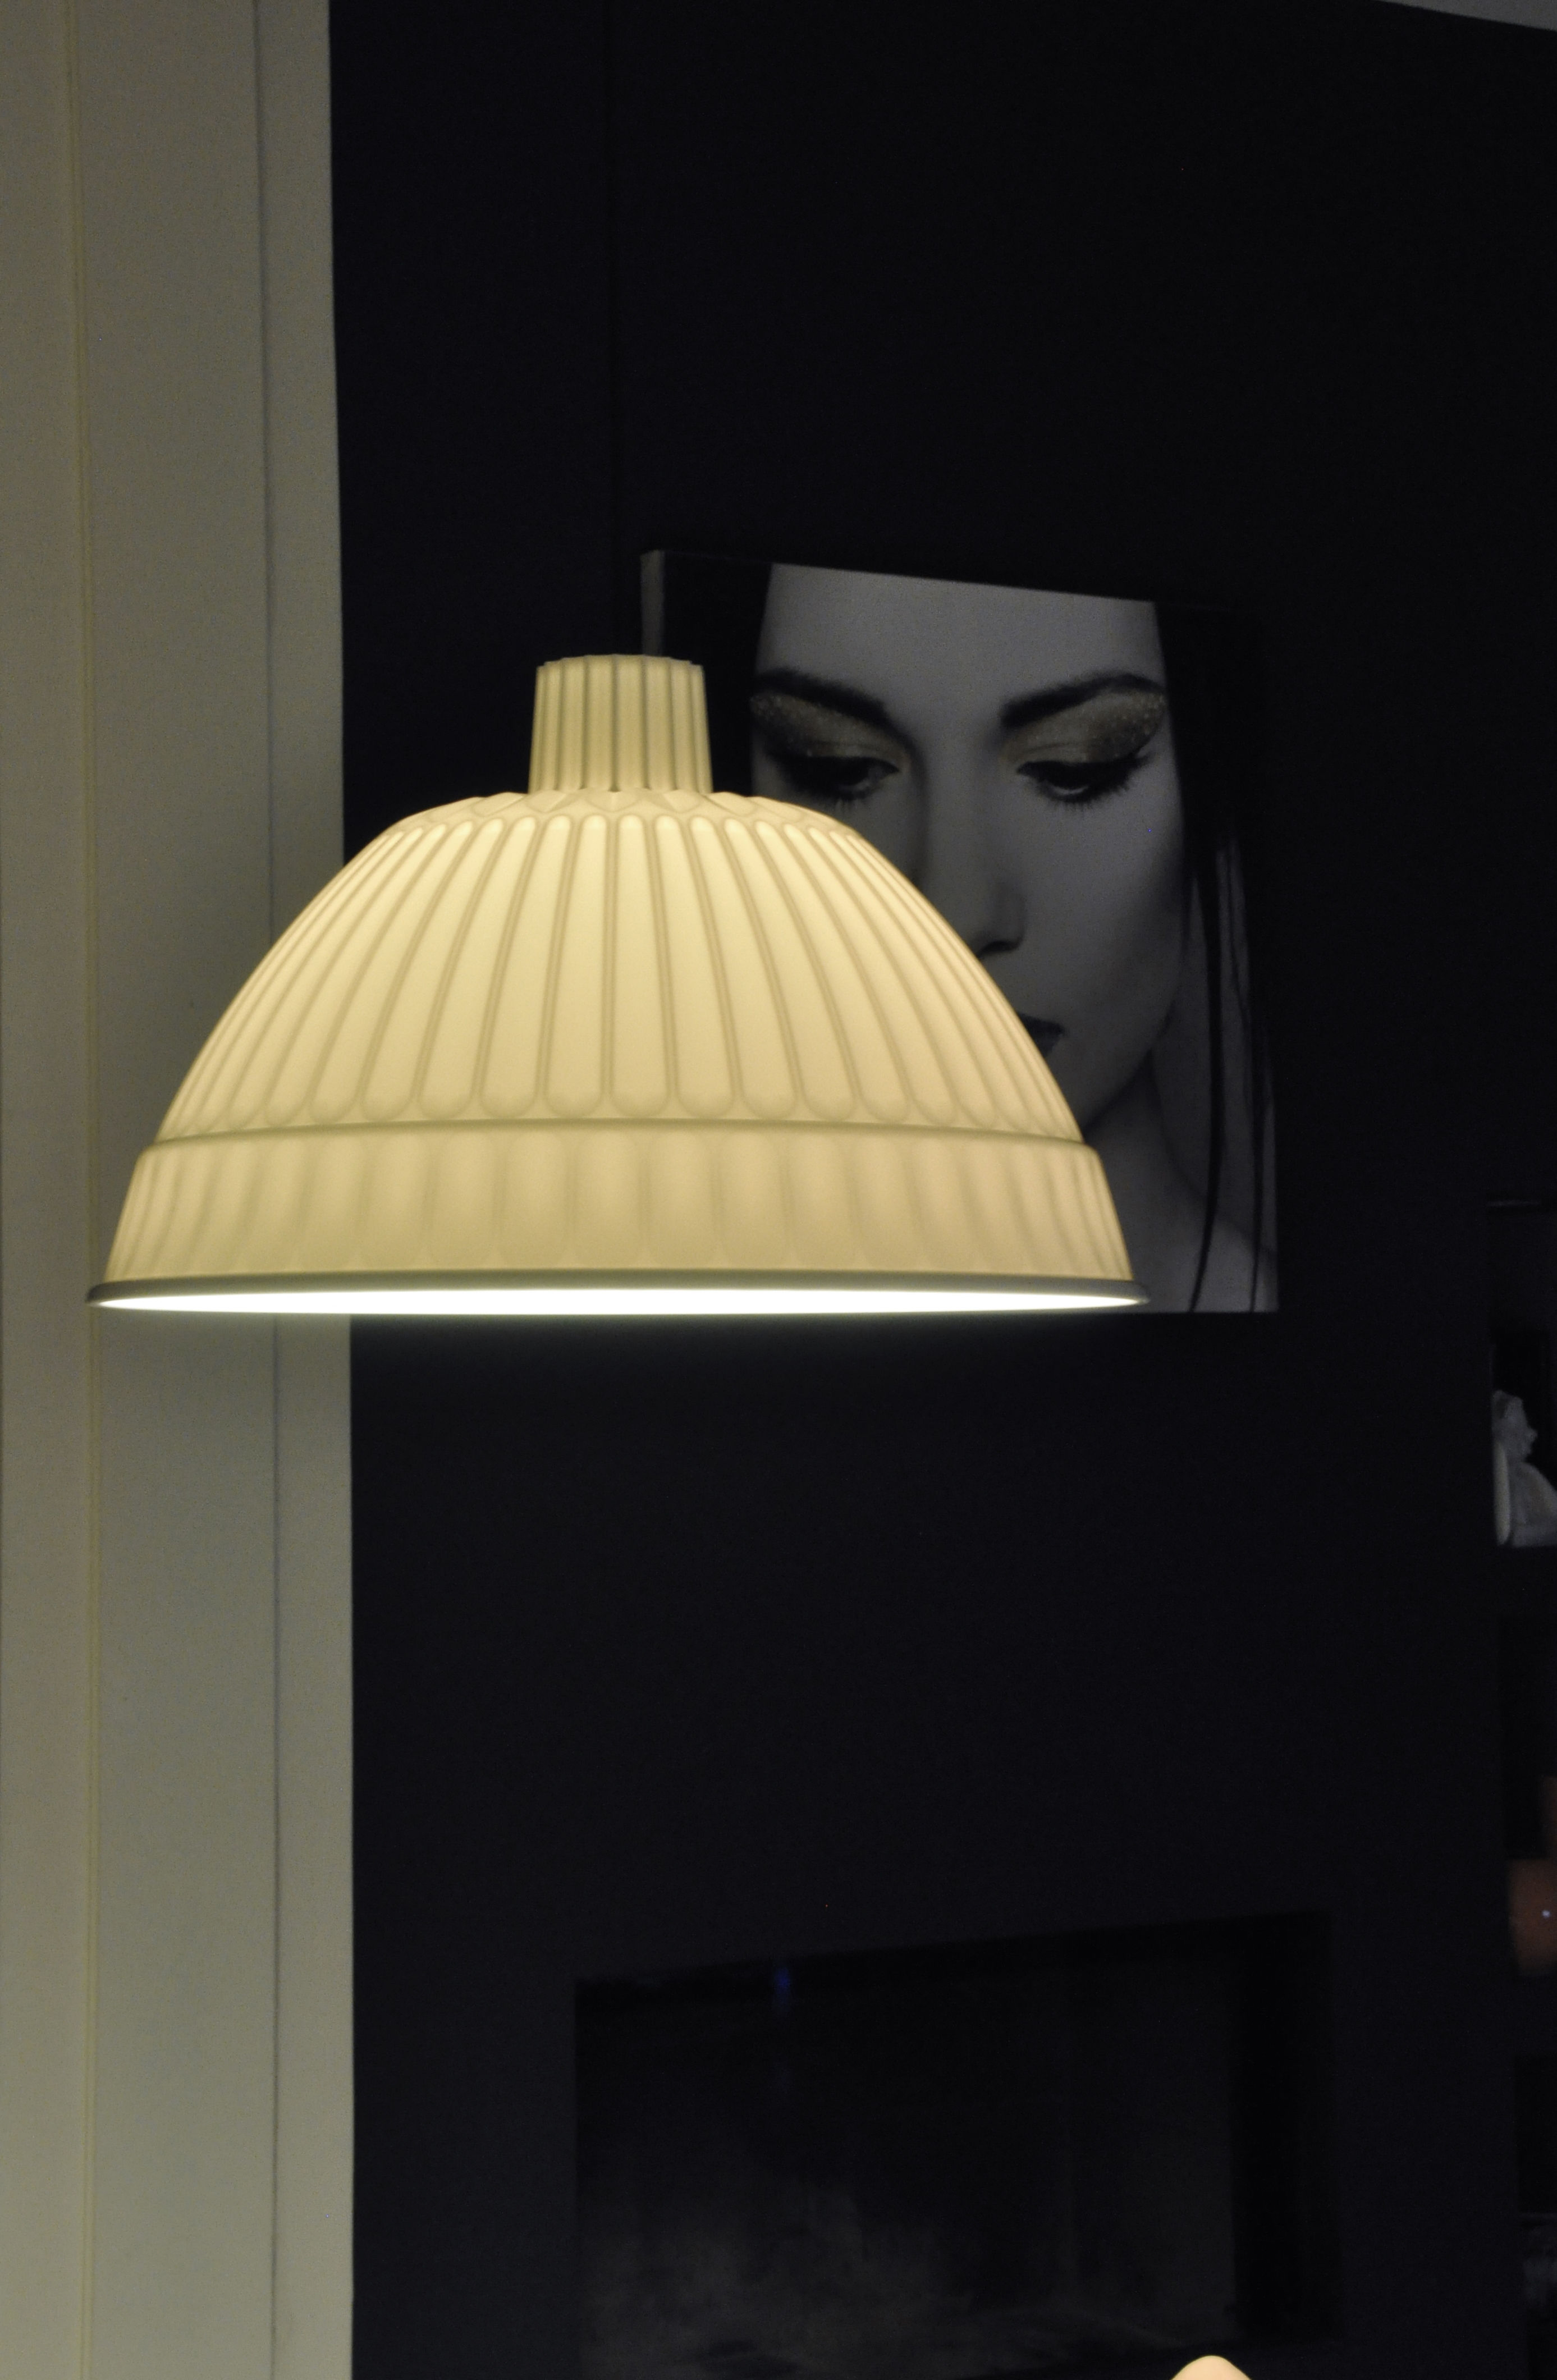 fontana arte lampadari : Home > Illuminazione > Lampadari > Sospensione Cloche di Fontana Arte